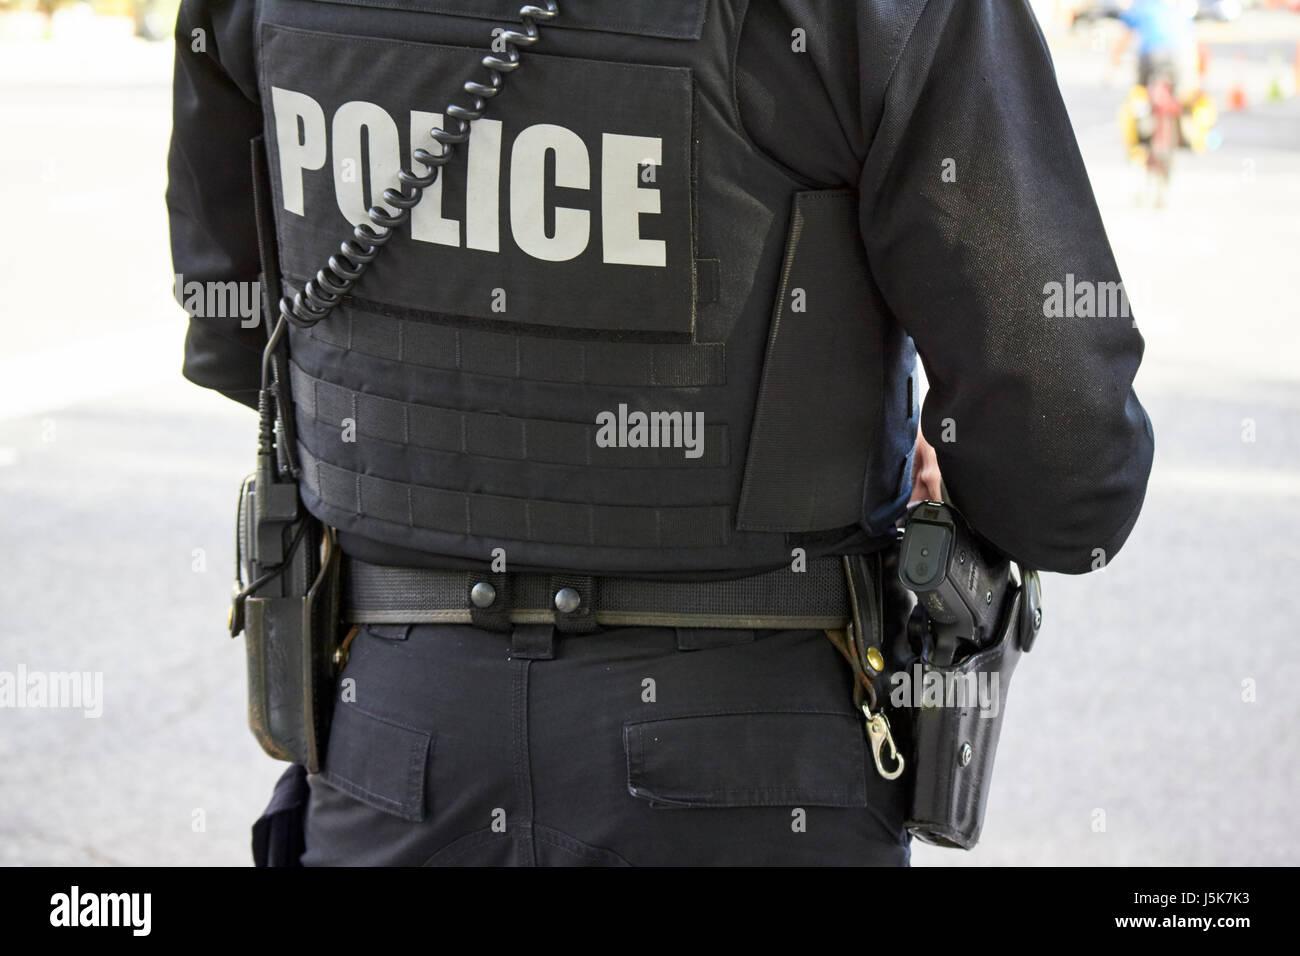 United States Secret Service Agent de police en uniforme, armés de revolver et gilet pare-balles et de tactique Photo Stock